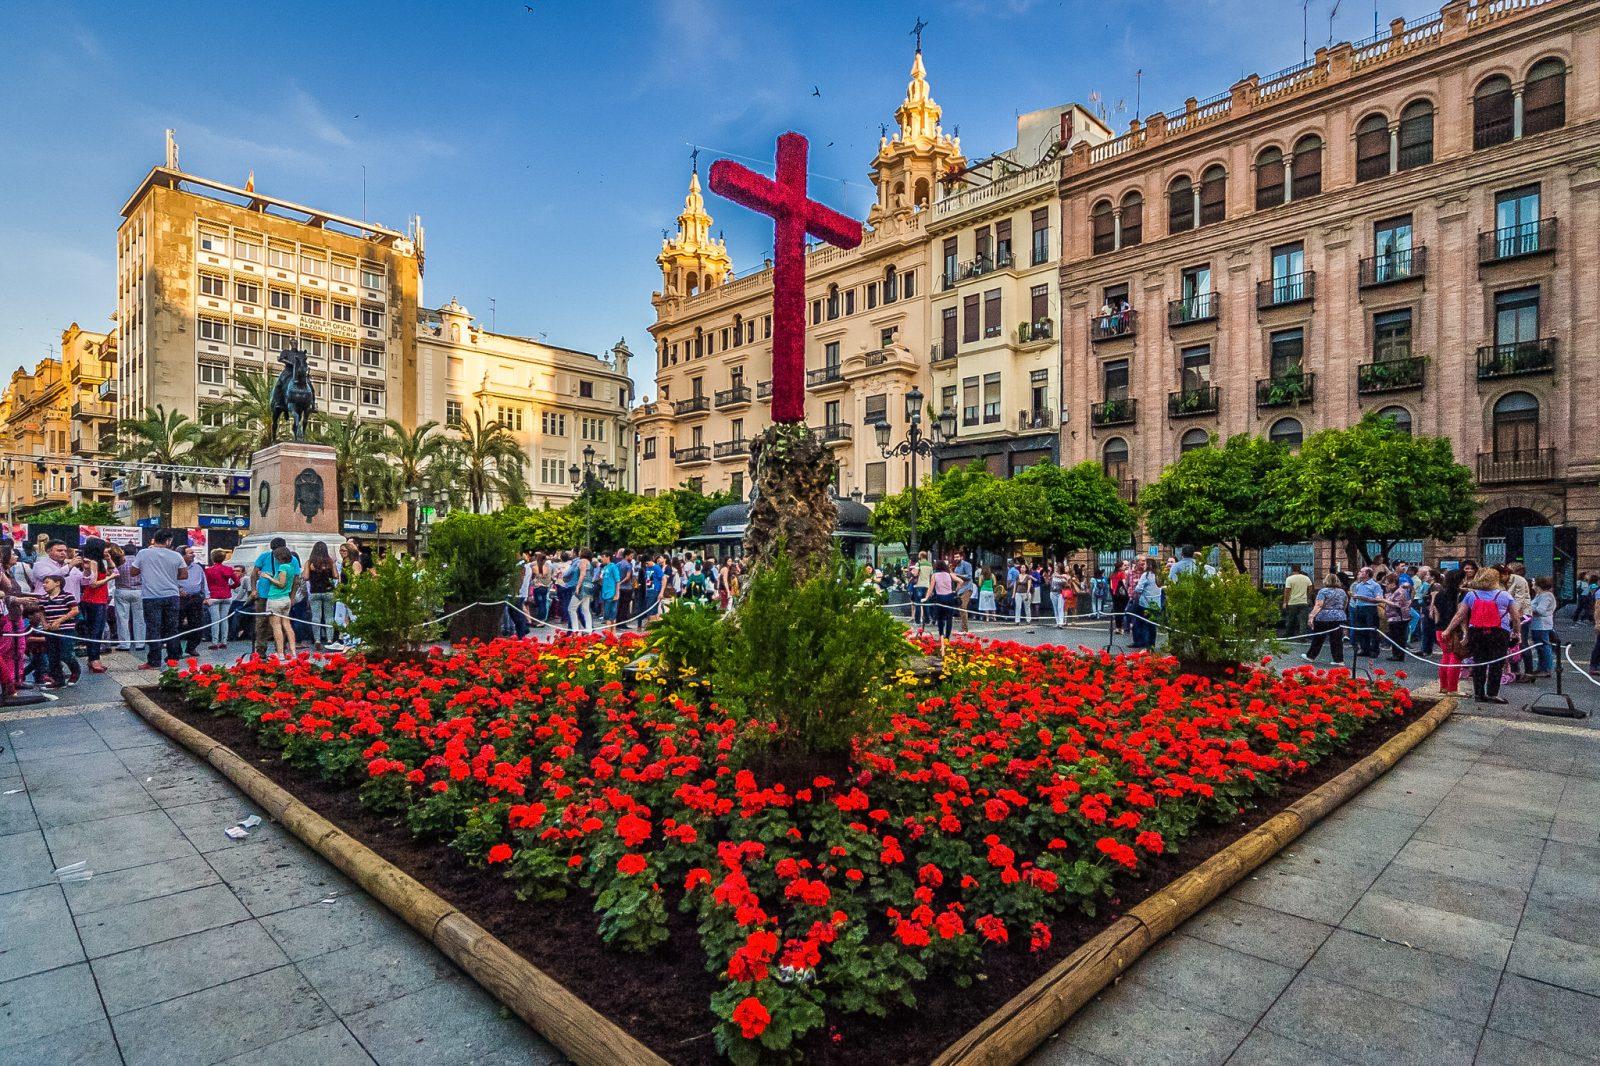 Праздник цветов «Майские кресты» (фото: R.Jose)